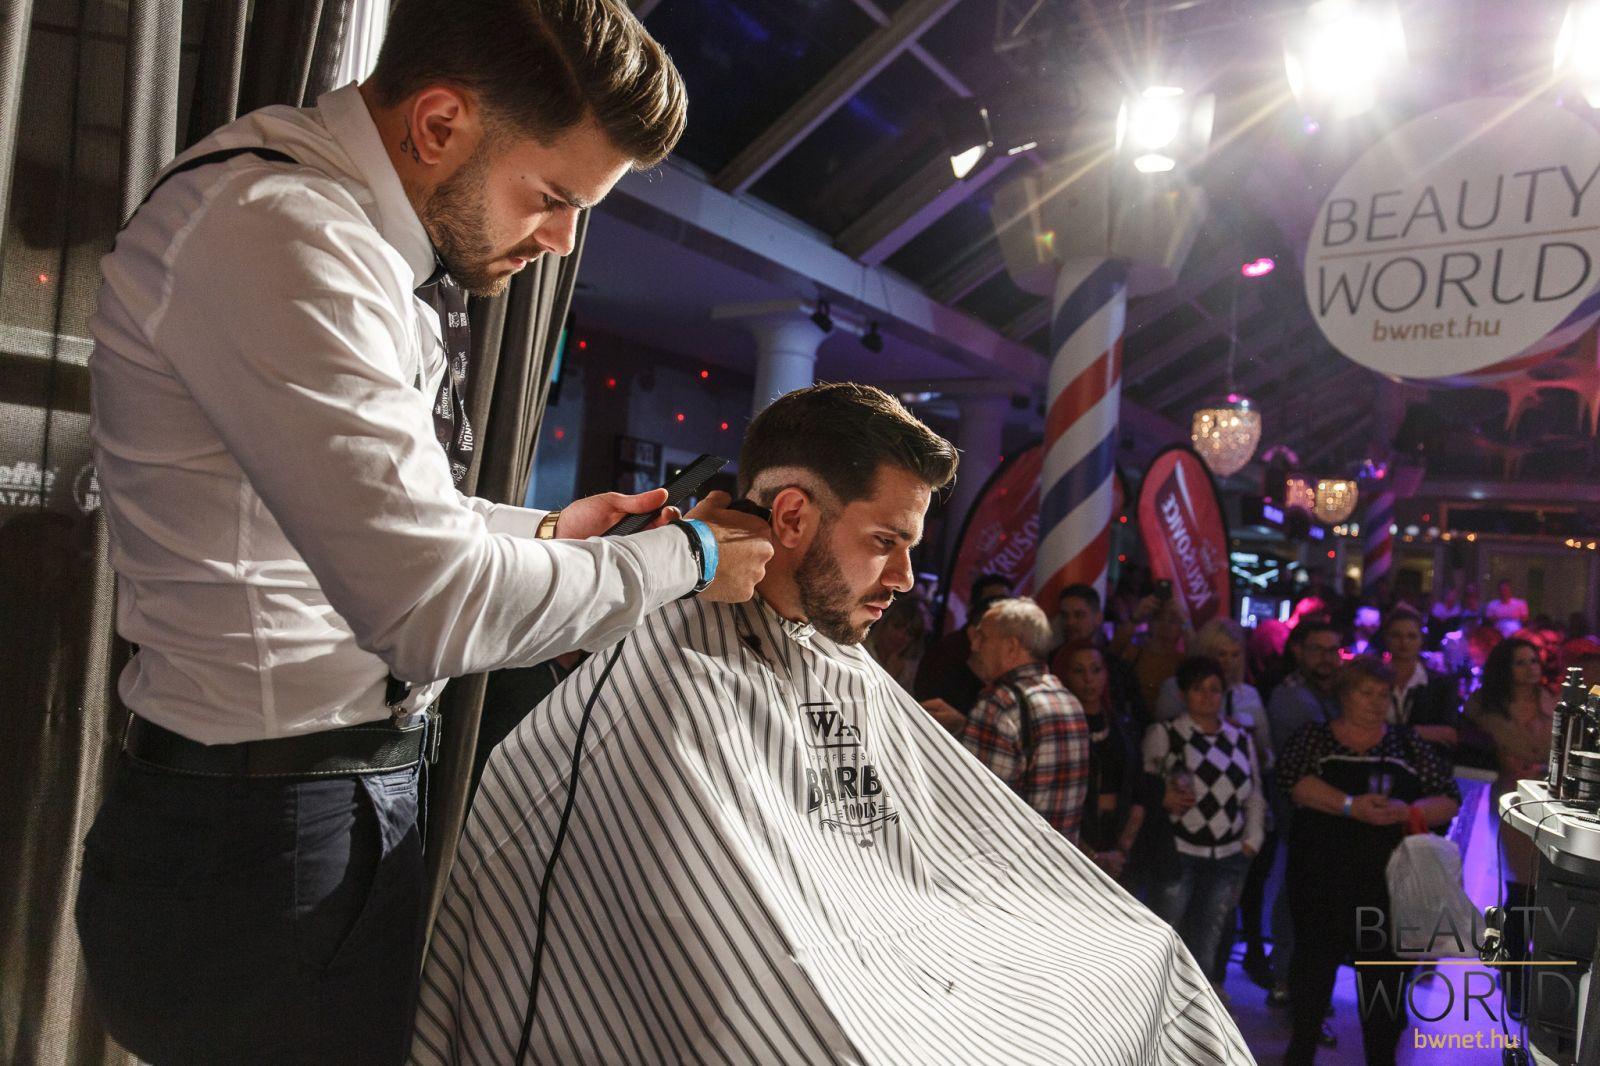 fodrász rendezvények 2017, fodrászverseny, barber budapest, fodrász verseny képek, fodrász verseny 2017, barber battle budapest 2017, barber battle budapest, pengék éjszakája, beauty world net, bwnet, online időpontfoglalás, online bejelentkezés, hajas lászló, ternyák kata, marosfalvi lászló, kompos tamás,